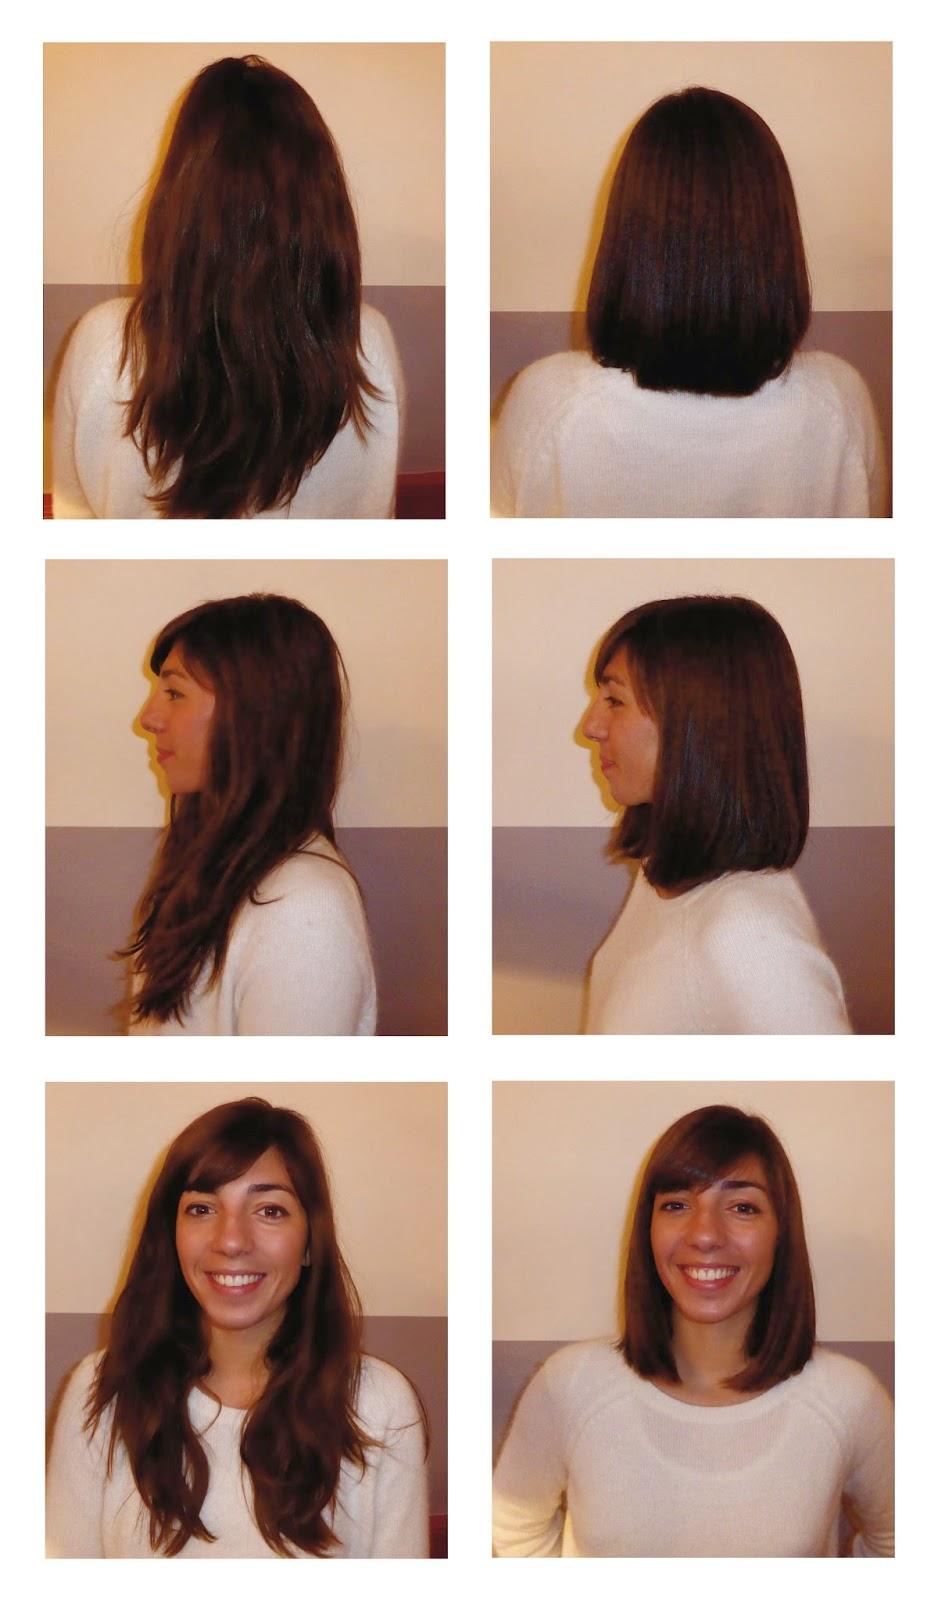 Léa, avant et après sa visite au Studio 54, coiffée par Eddy, coiffeur visagiste à Montpellier.